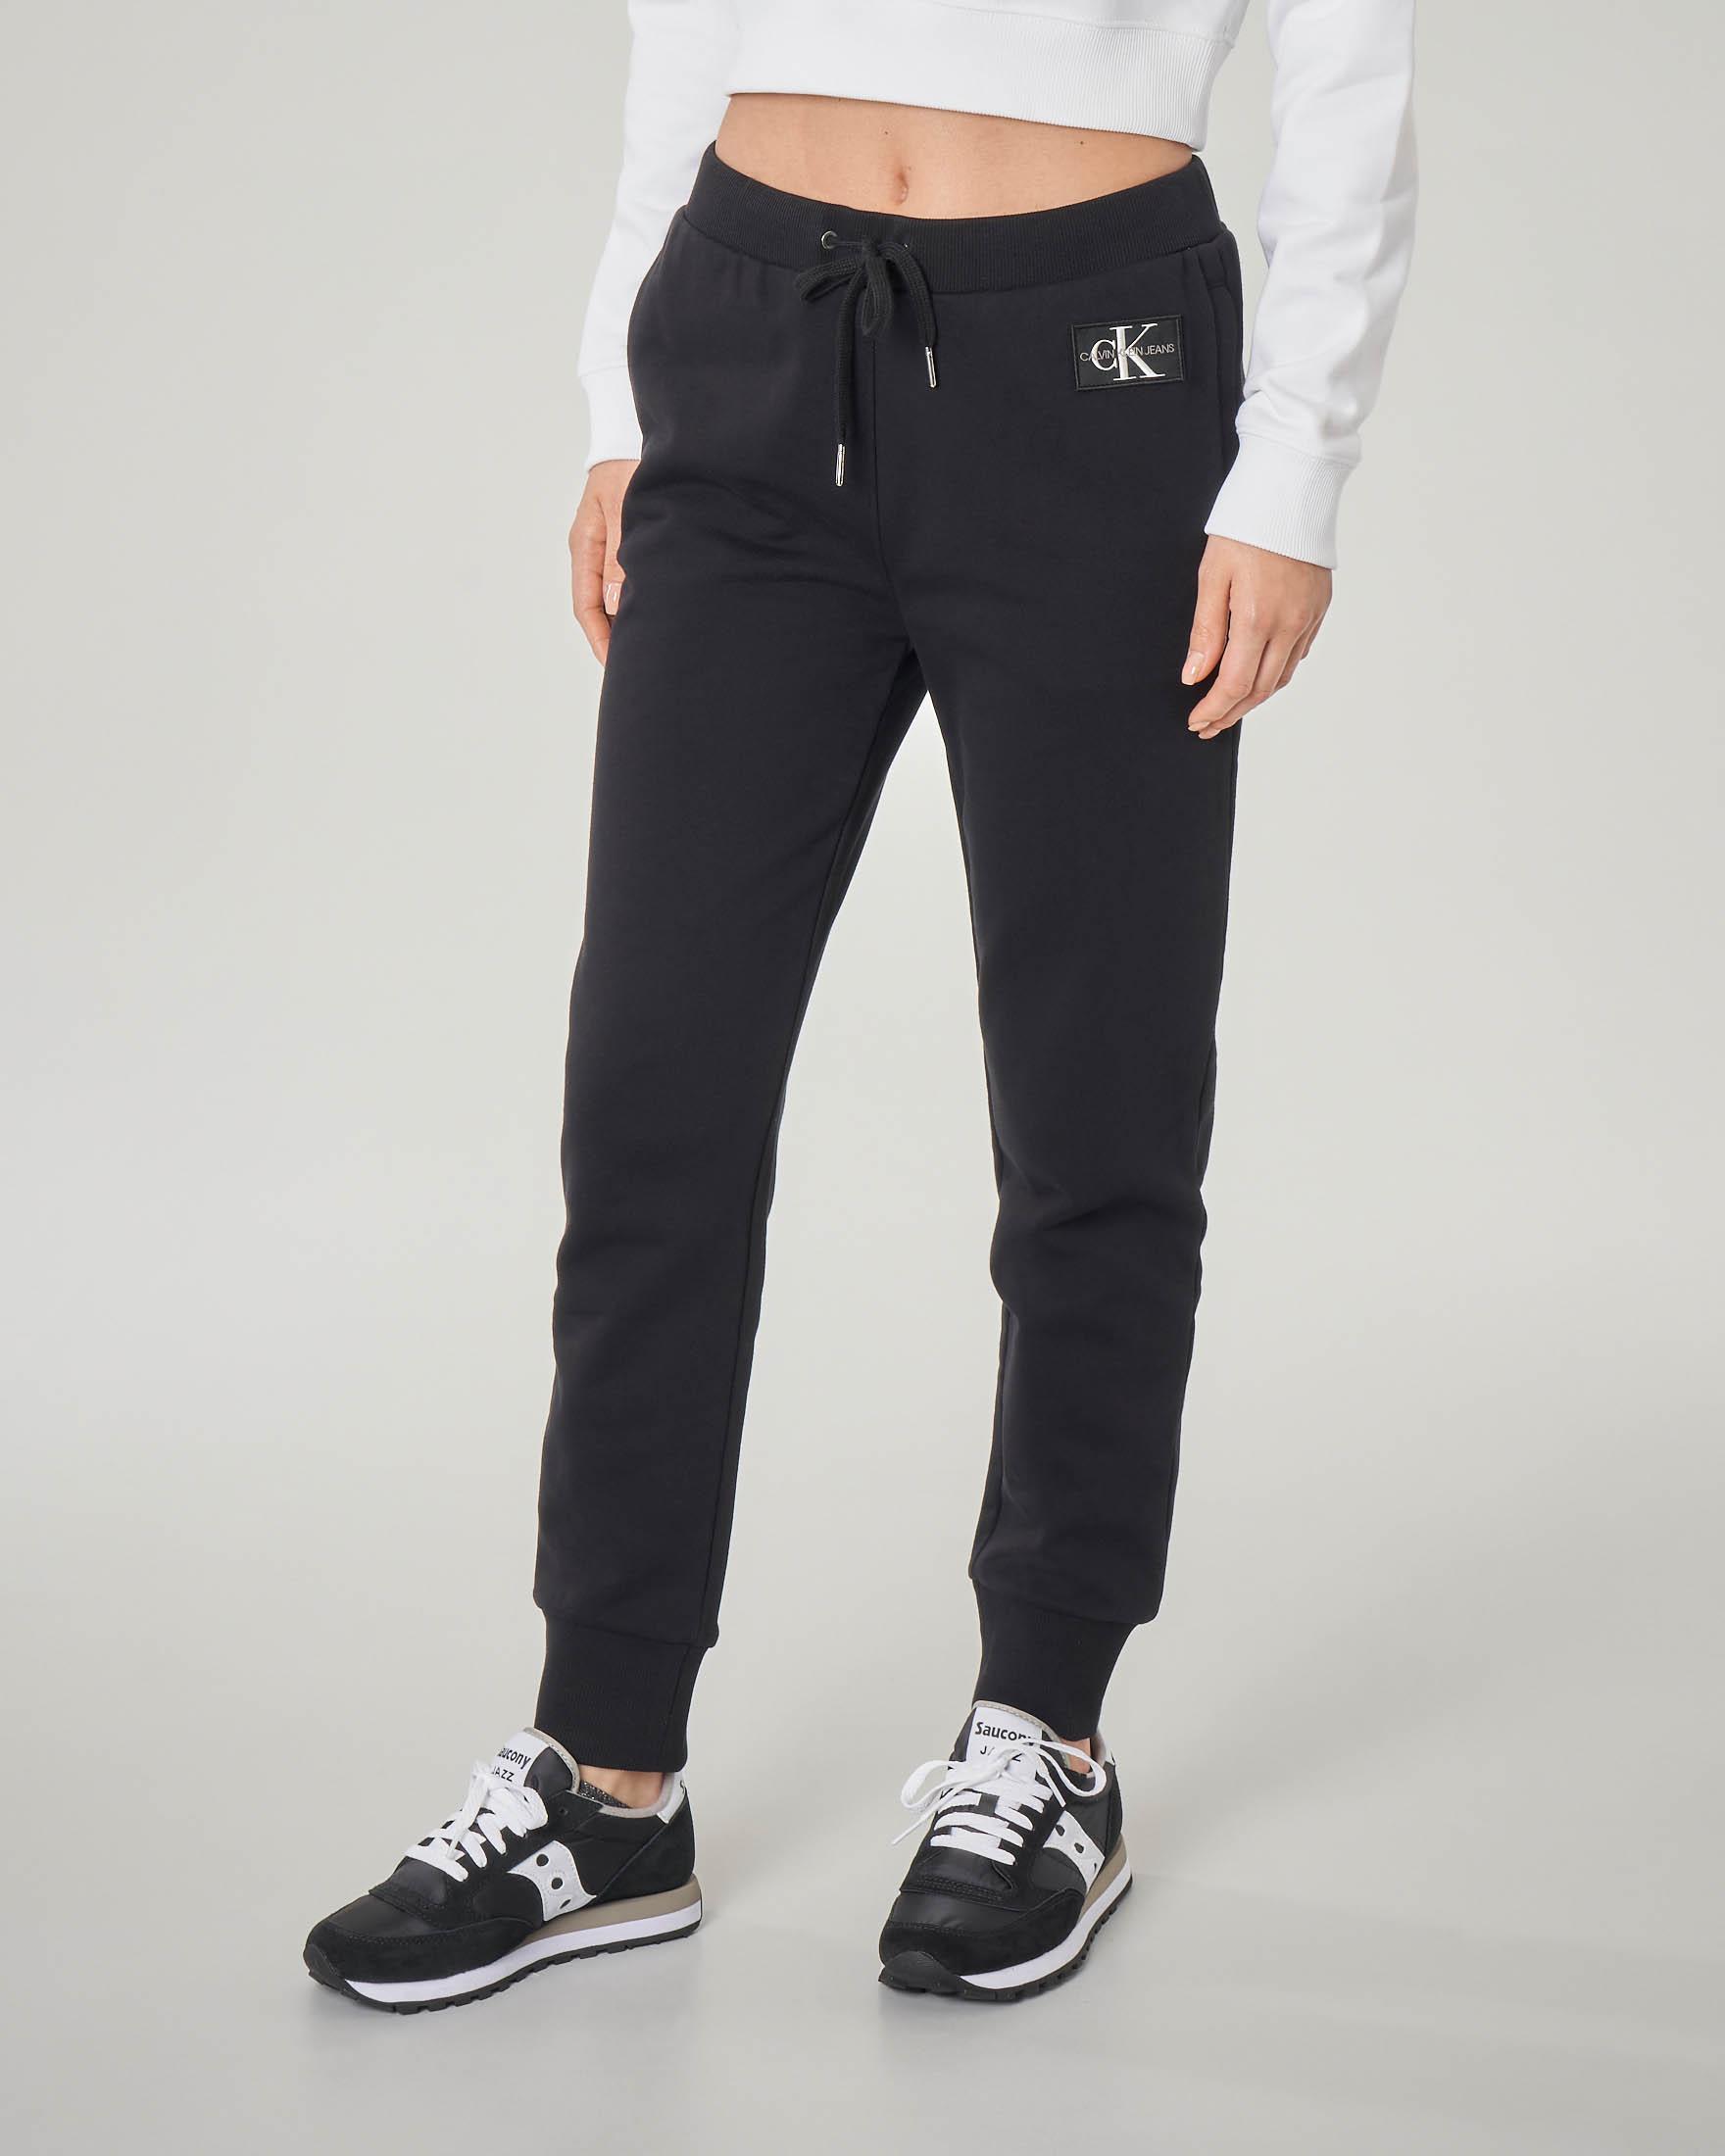 Pantaloni in felpa neri con polsini a costine